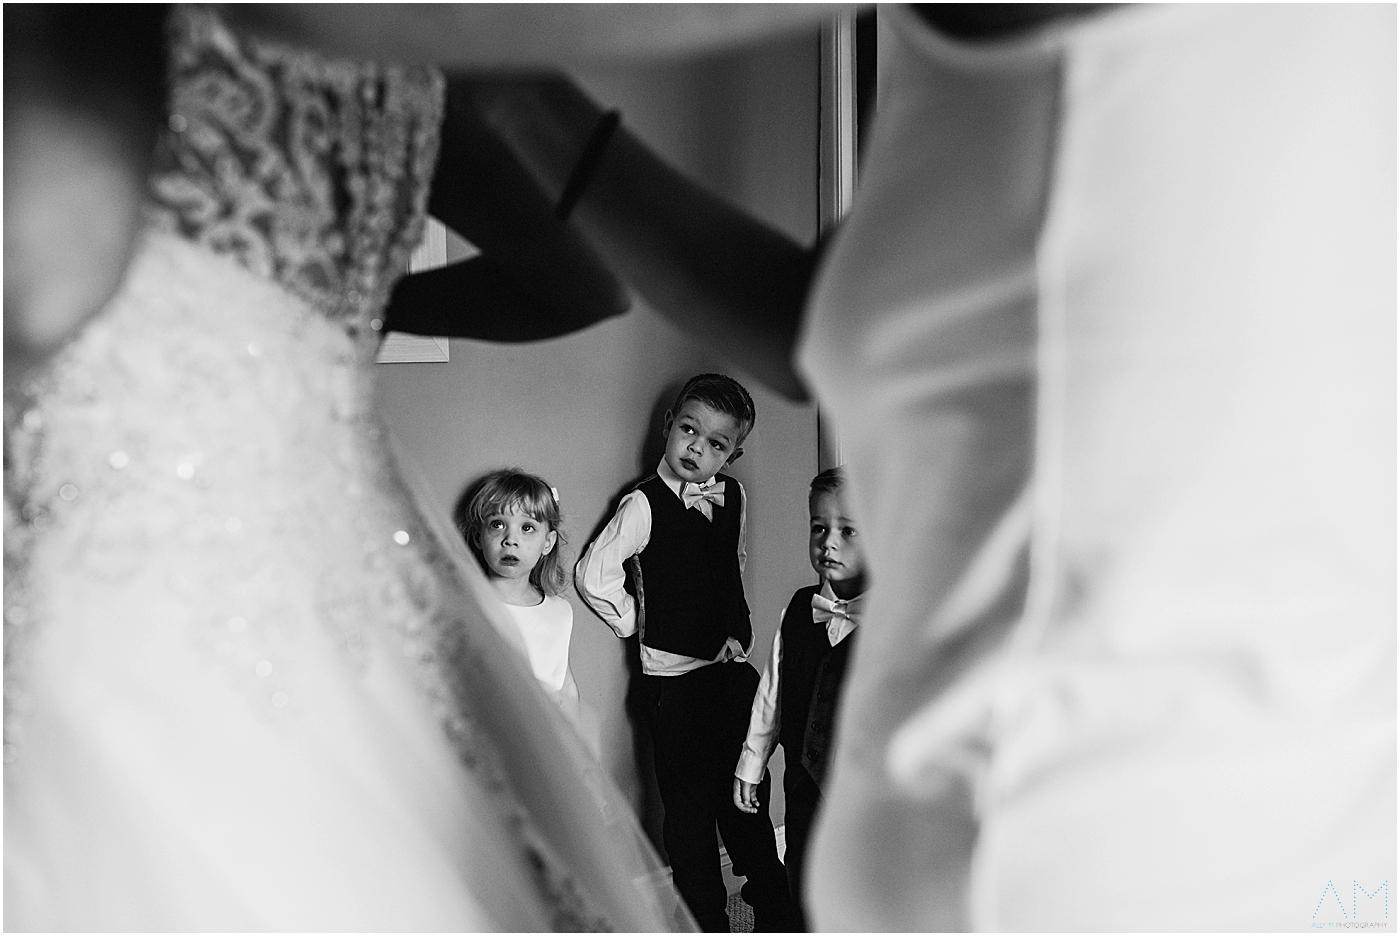 Children watching bride get into her wedding dress